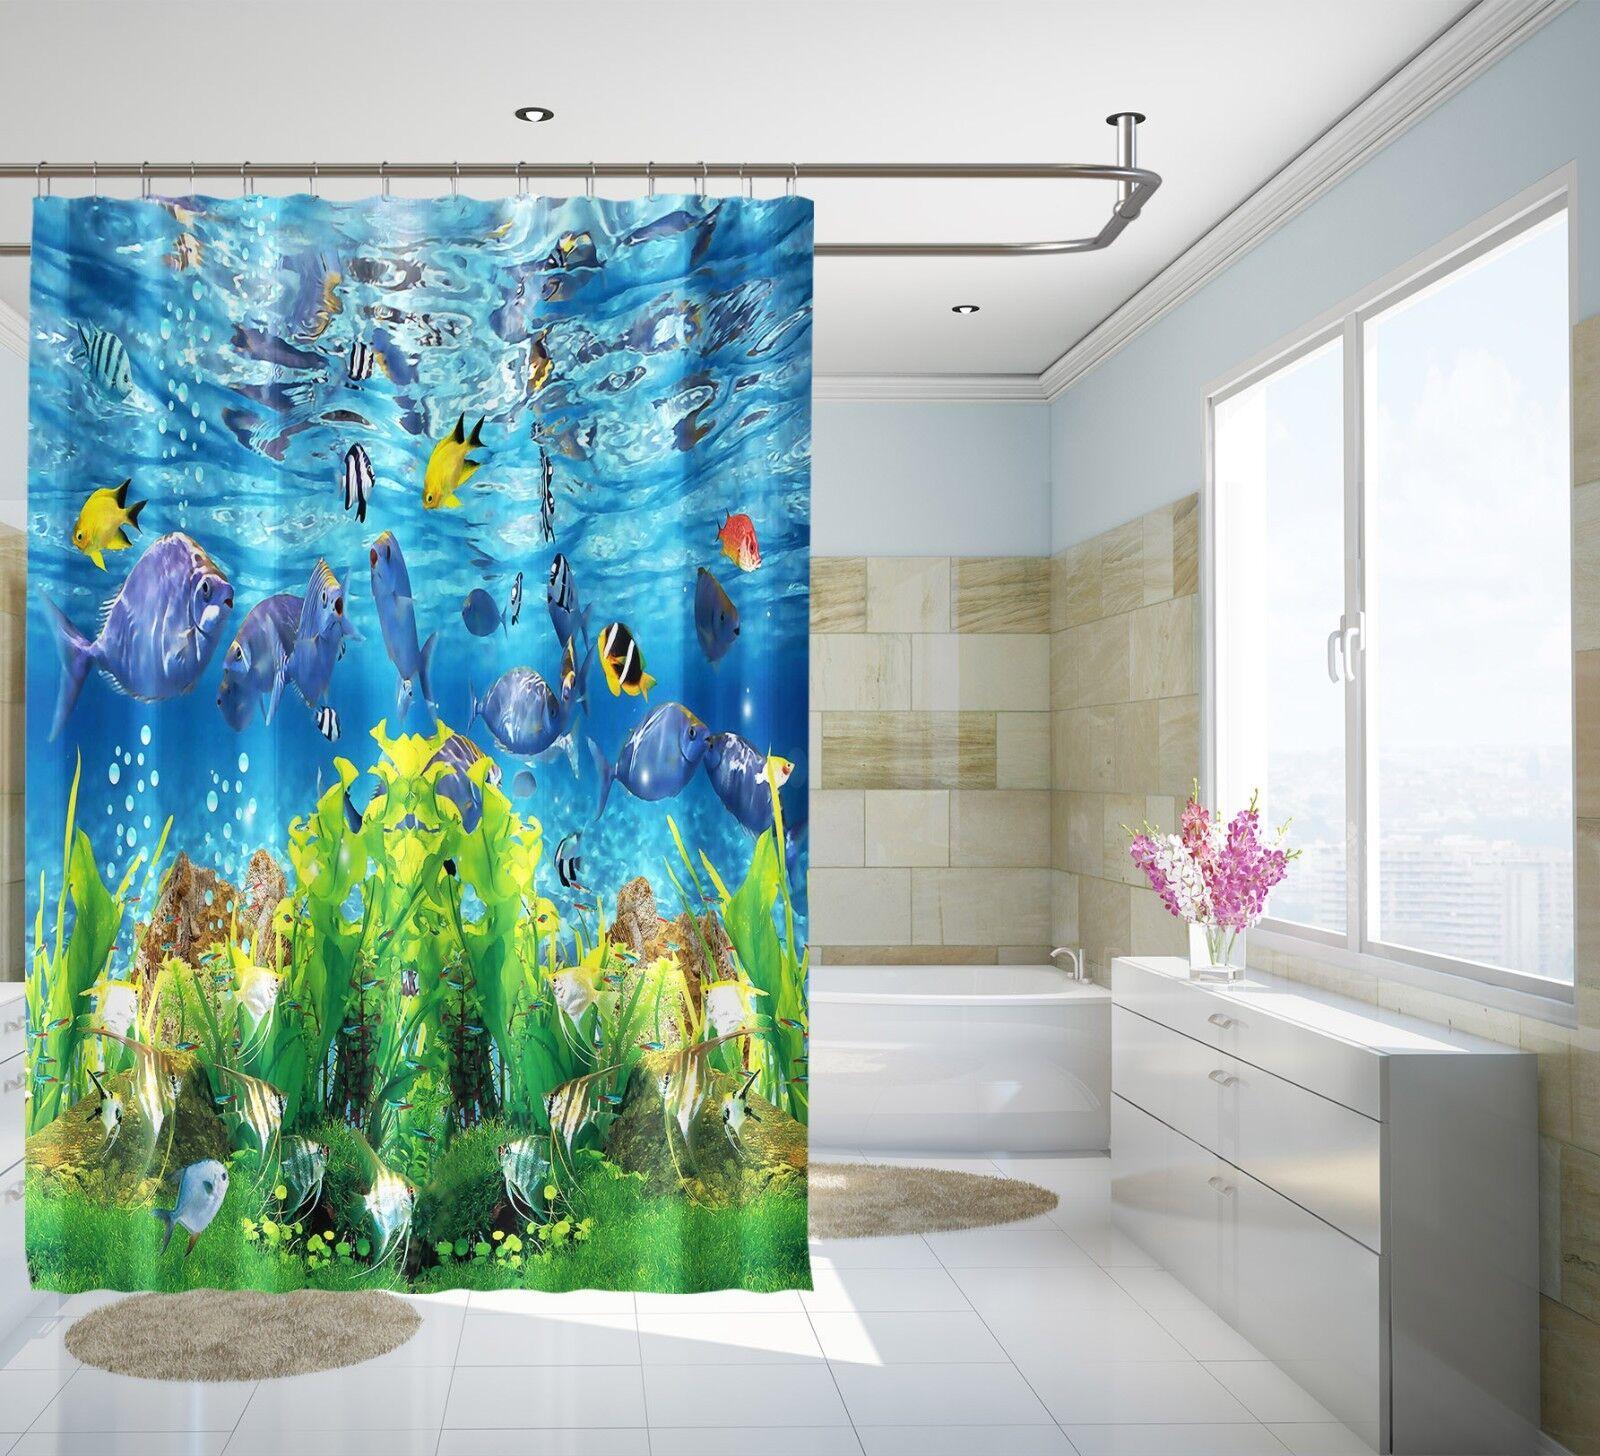 3D OCEAN Dolphin 23 Rideau de Douche Imperméable Fibre Salle de Bain Home Windows Toilette